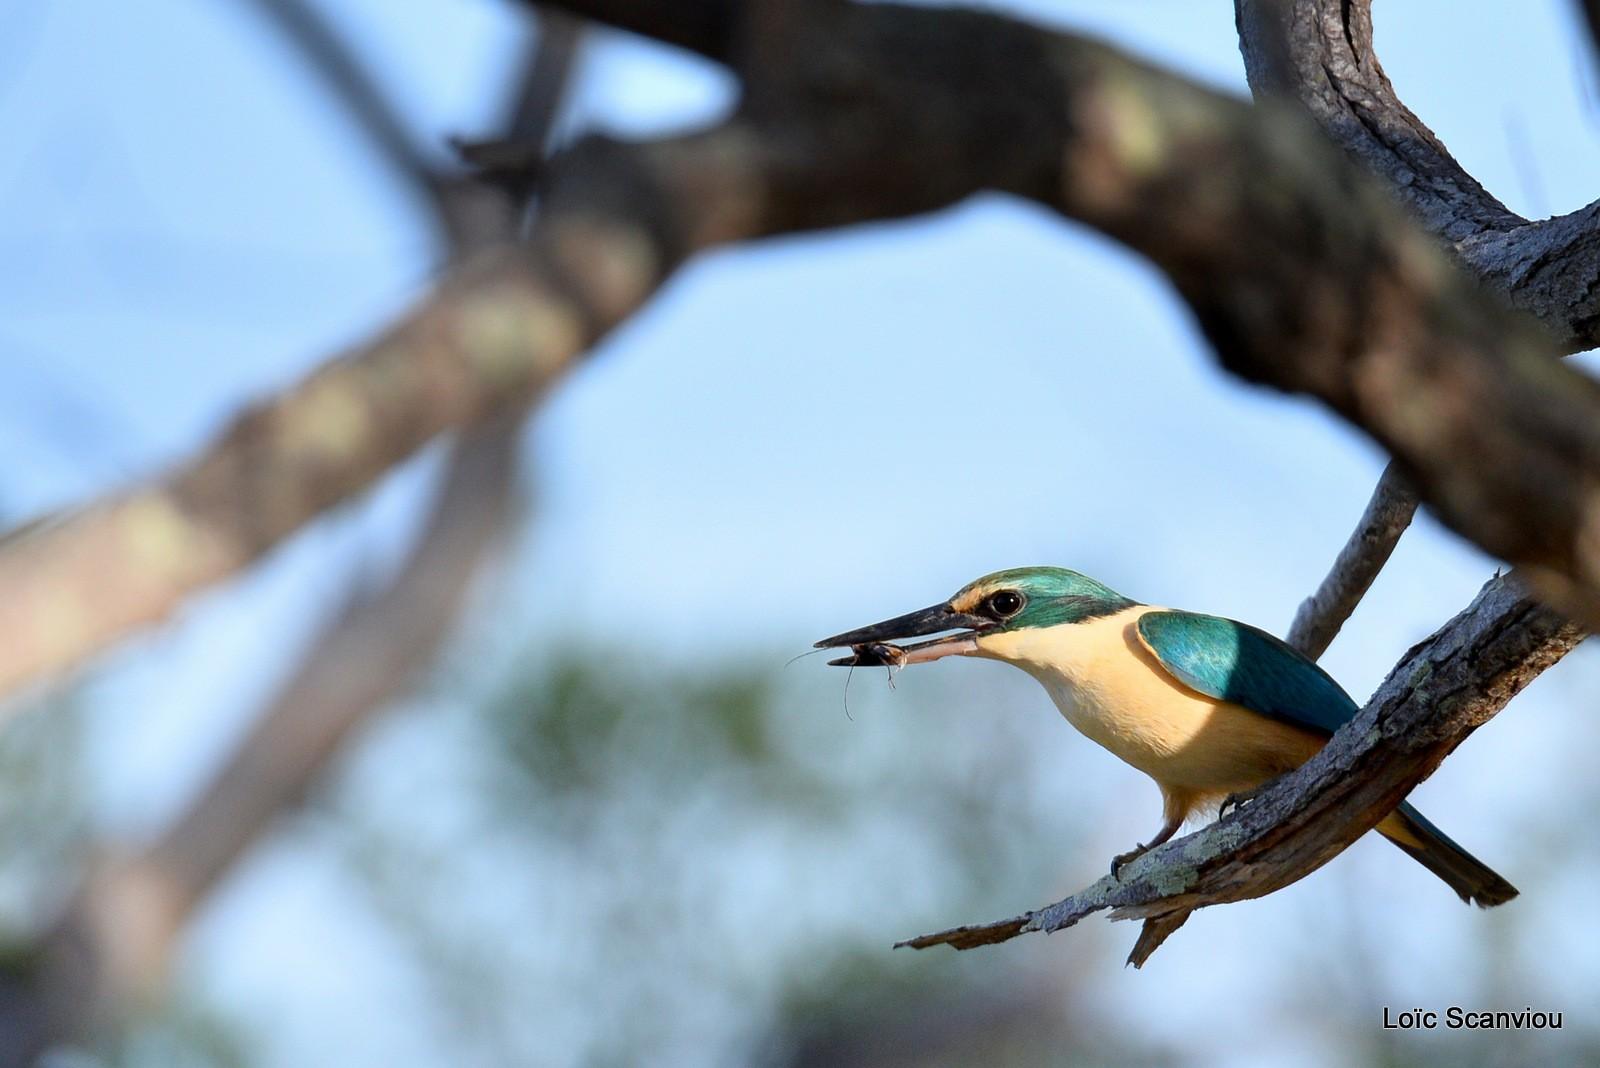 Martin-chasseur sacré/Sacred Kingfisher (6)